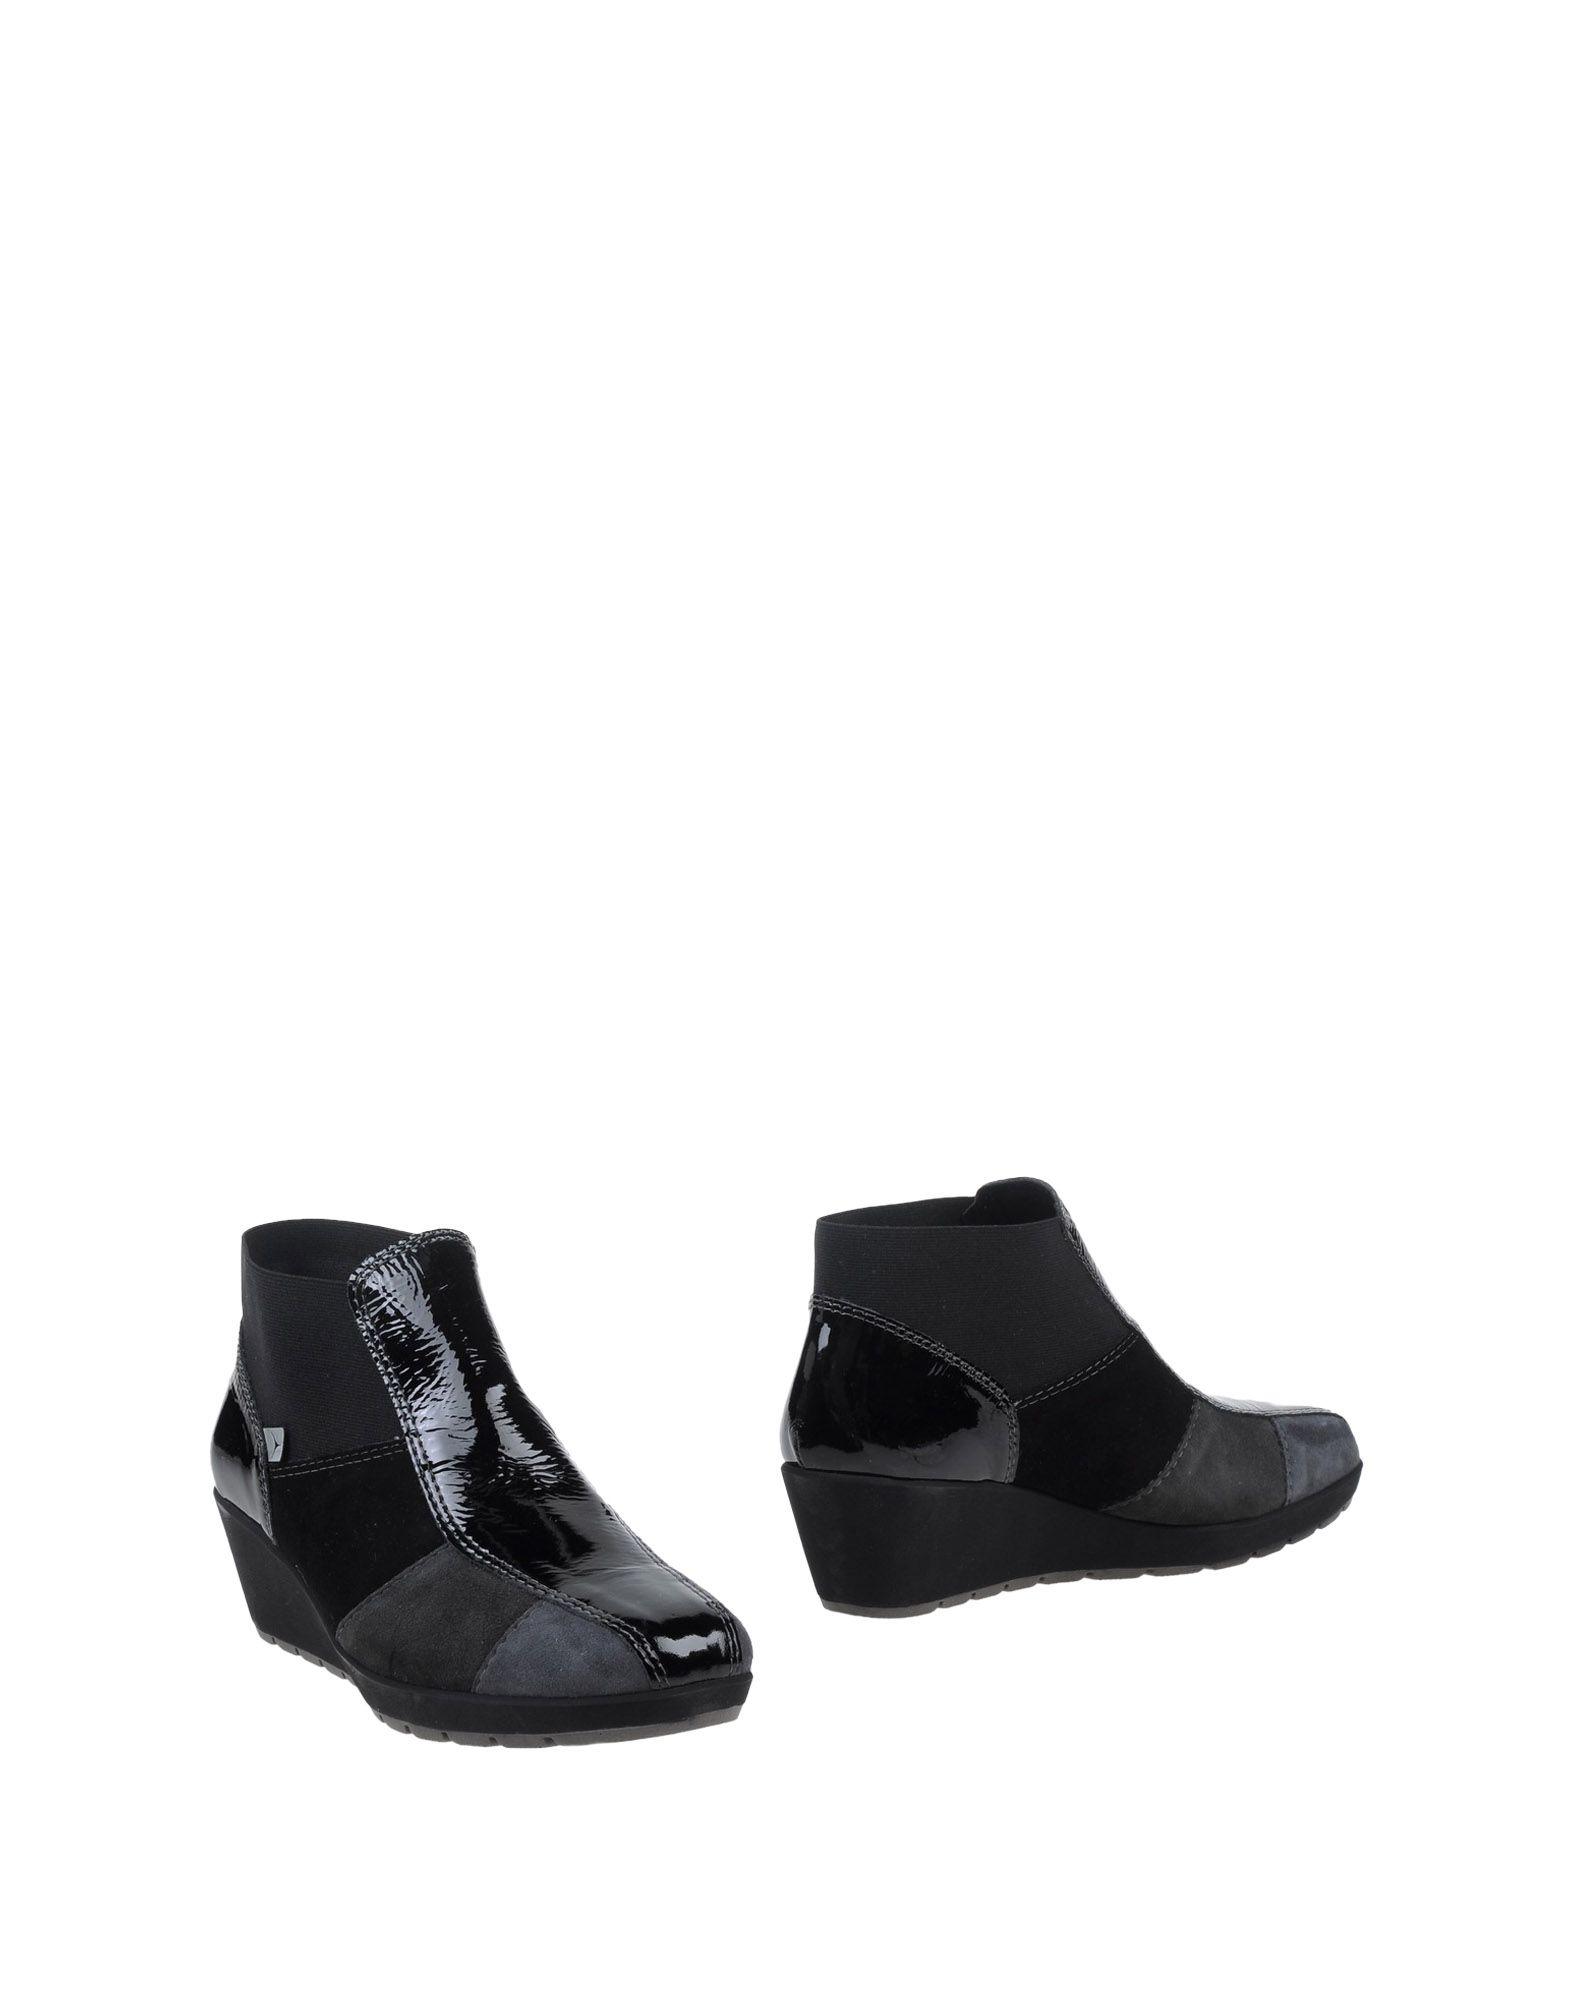 CINZIA SOFT by MAURI MODA Полусапоги и высокие ботинки vero moda полусапоги и высокие ботинки